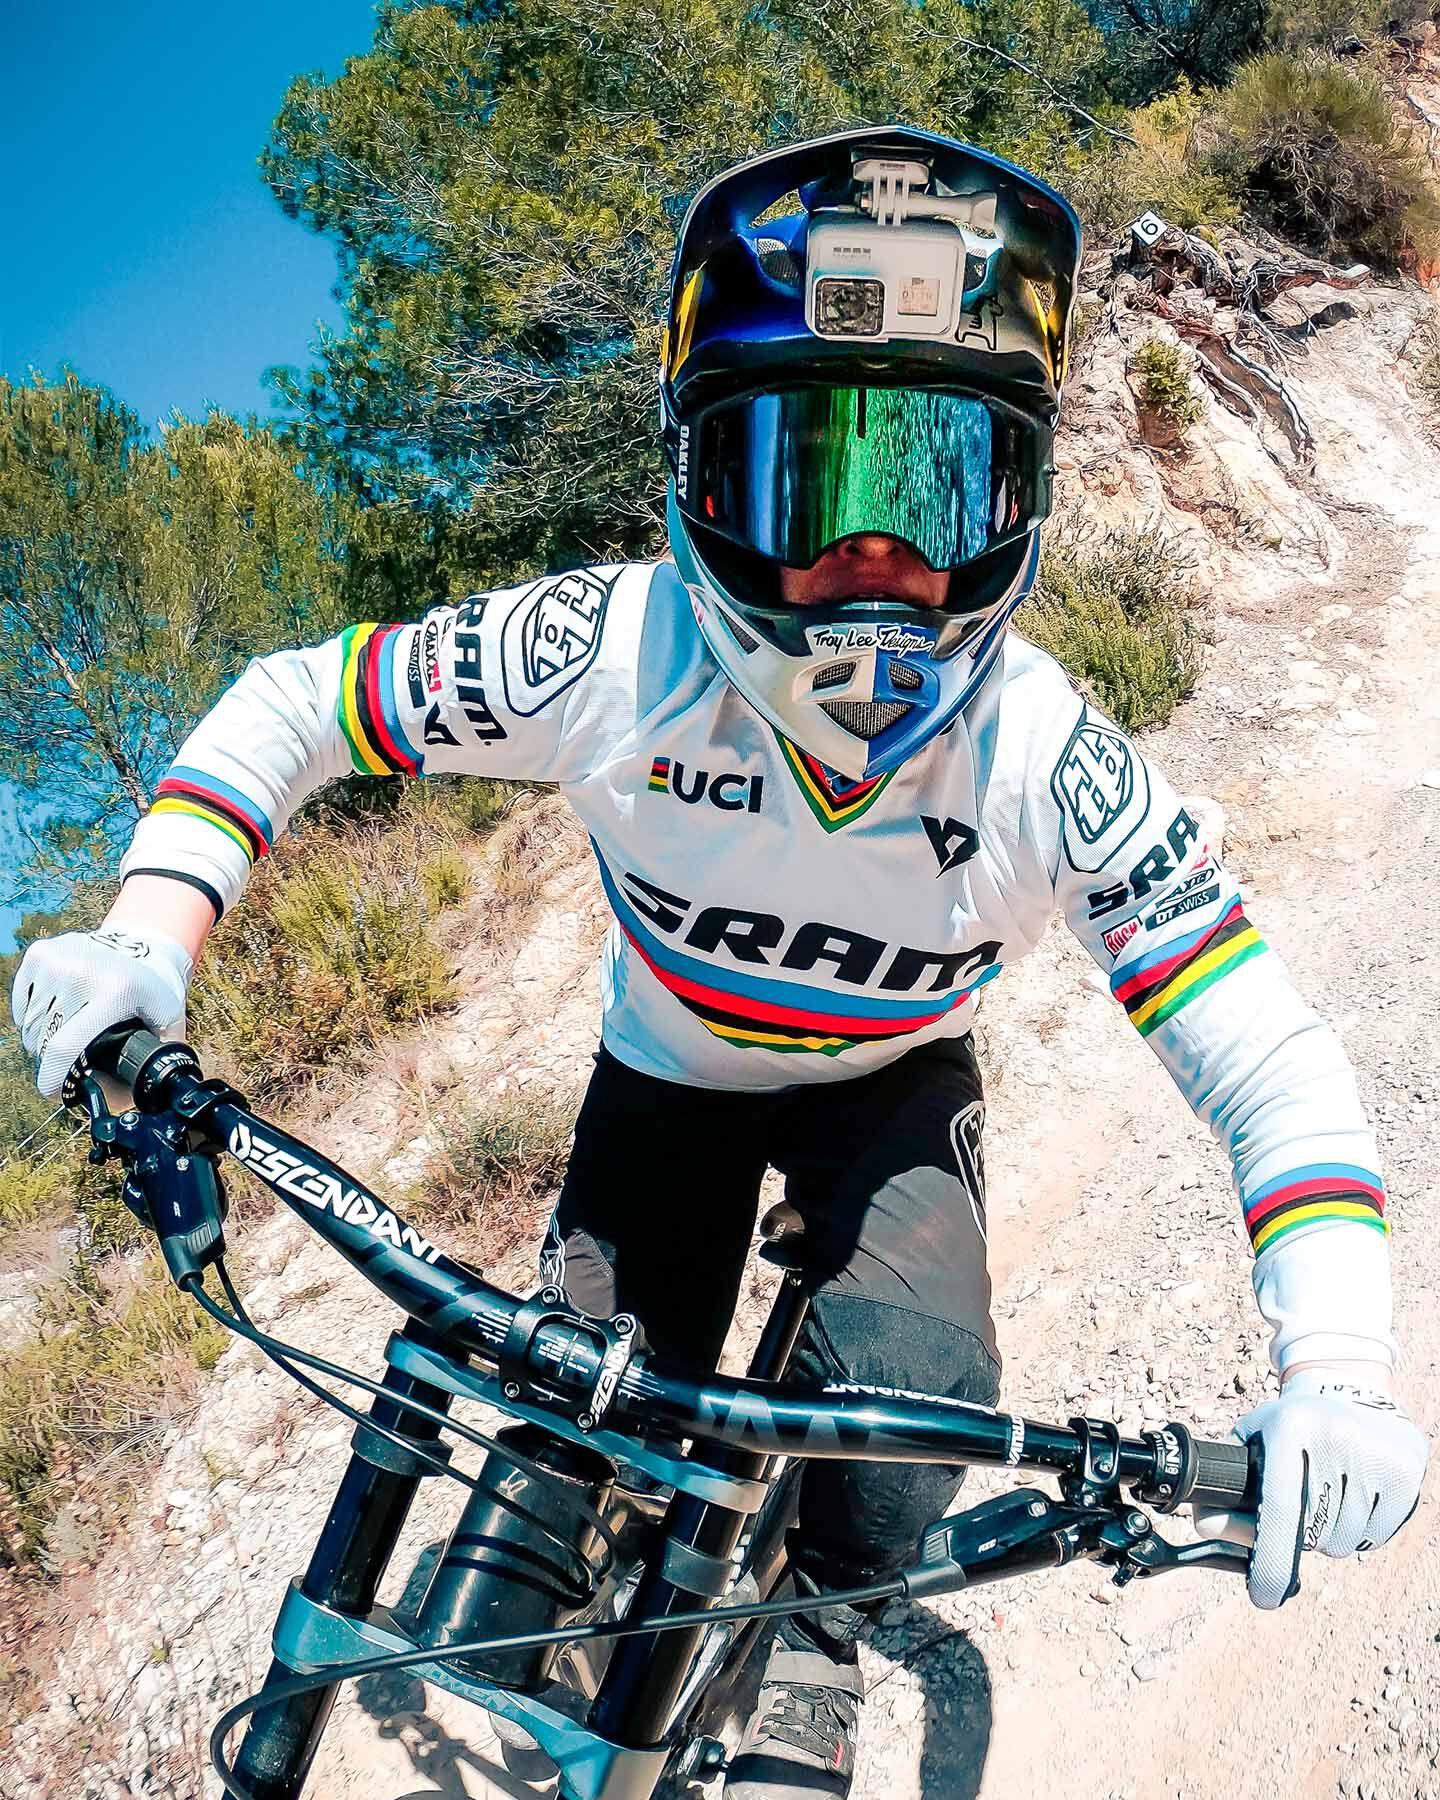 Videocamera GOPRO HERO7 BLACK LUNAR WHITE EDITION S4069615 1 UNI scatto 4